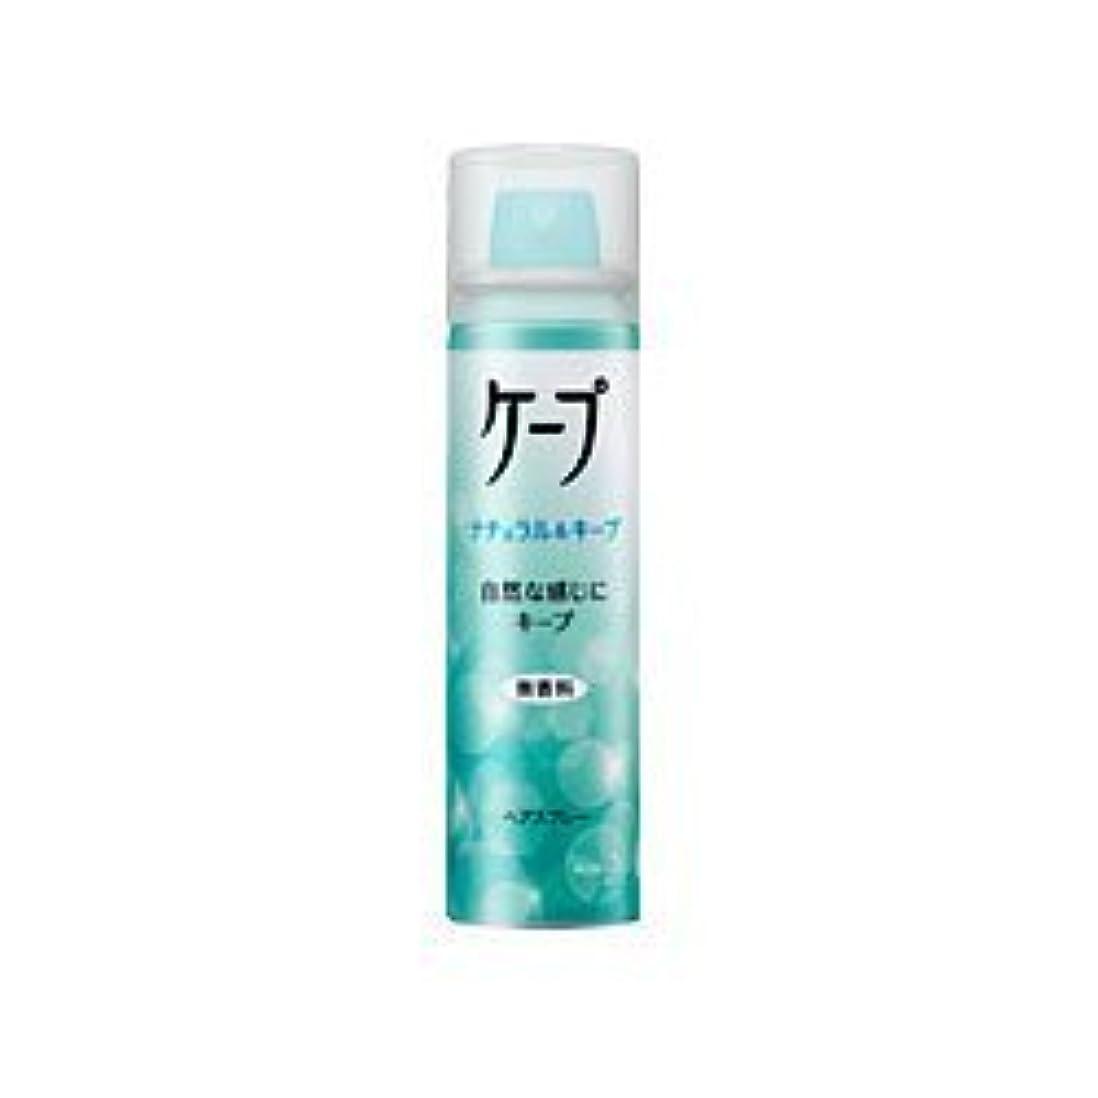 火星愛撫高める【花王】ケープ ナチュラル&キープ 無香料 50g ×5個セット